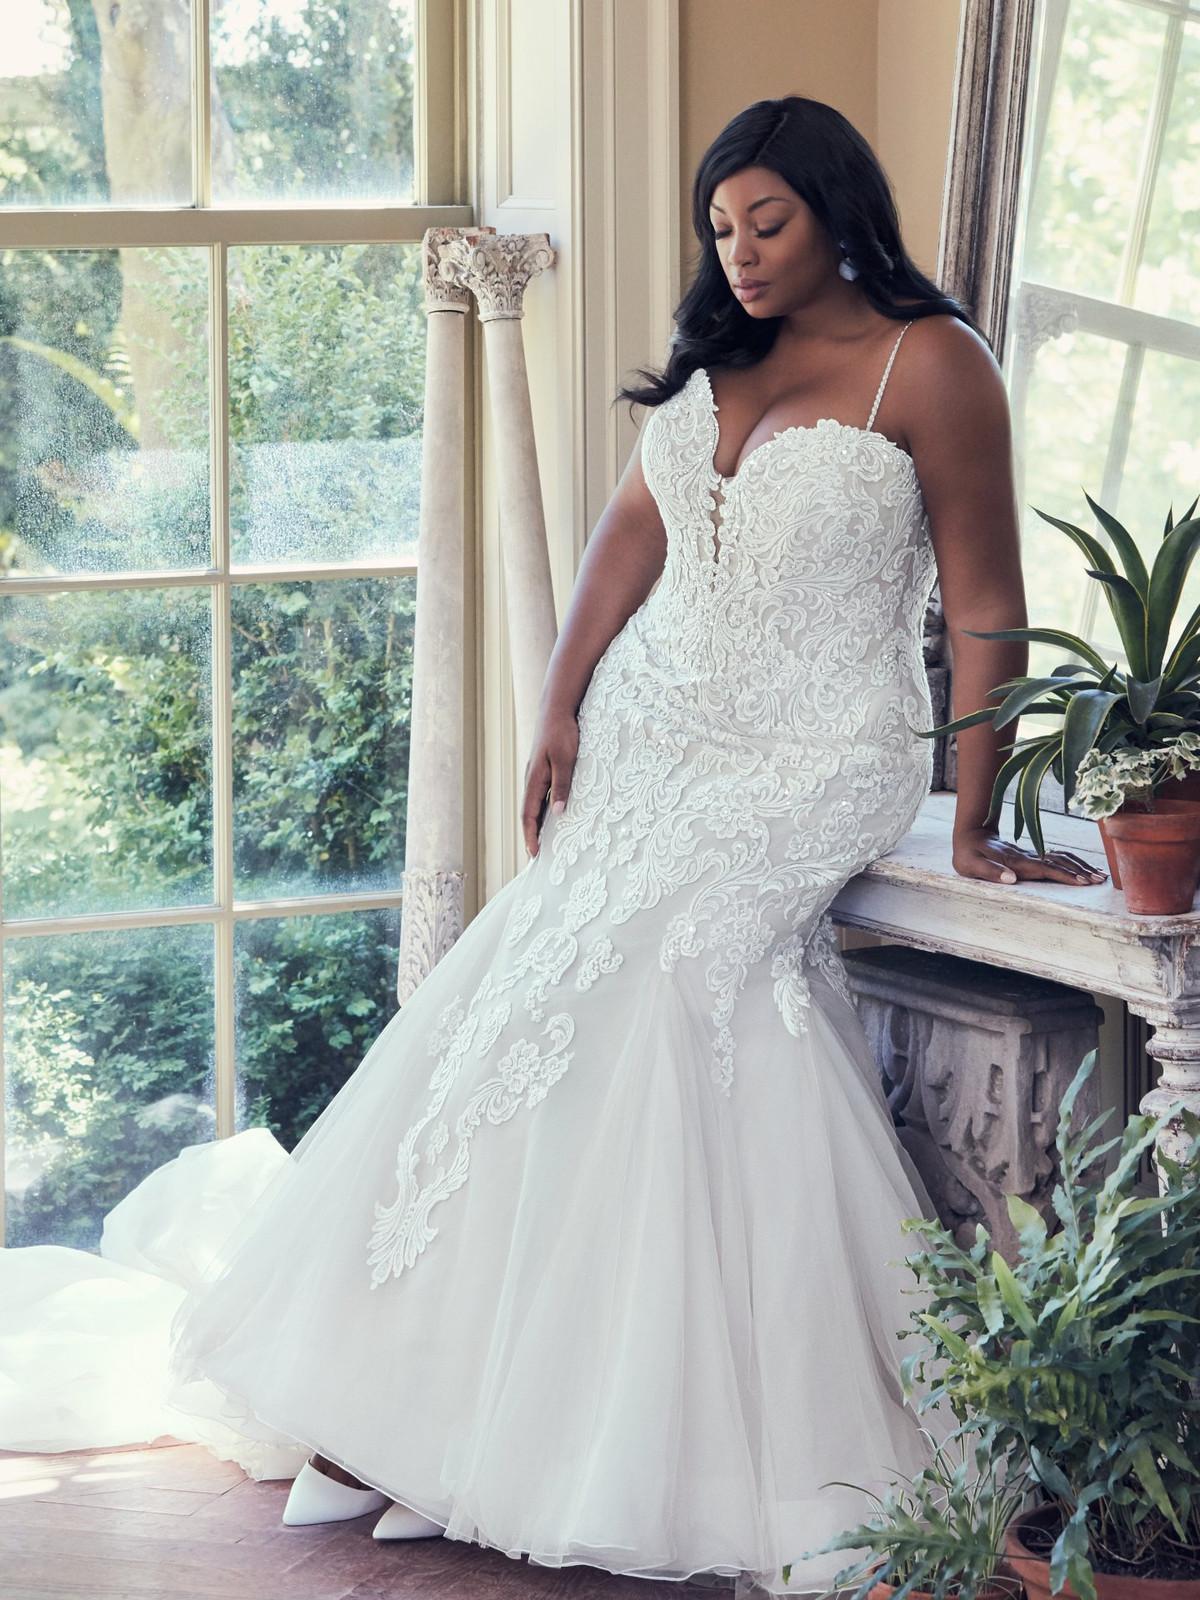 e8358c1fe8de6 Bridal Shops in Jamaica | Kingston | Bliss Bridal Boutique